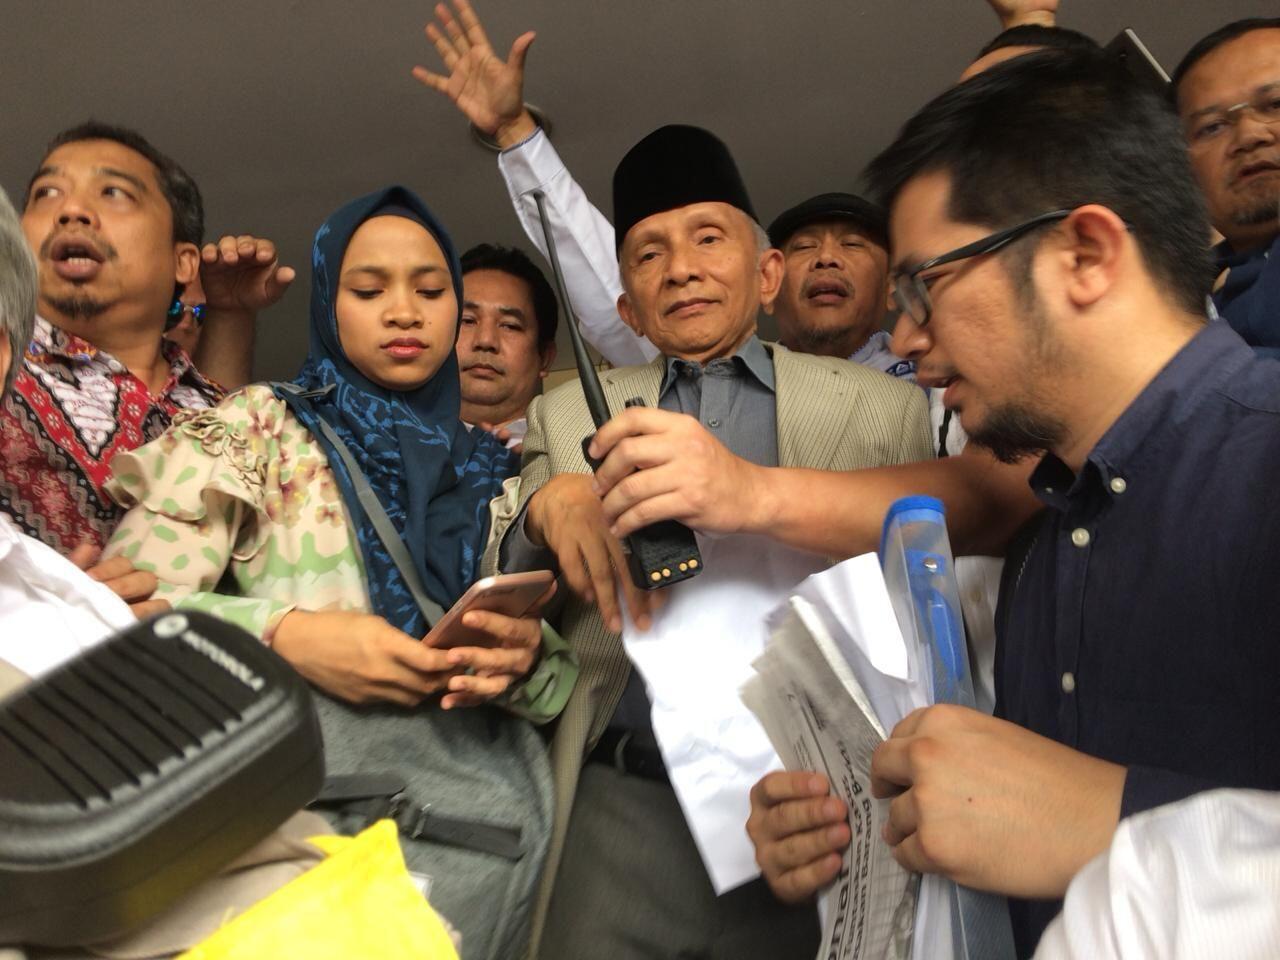 Amien: Ratna Ditangkap 4 Oktober, Surat Saya Tanggal 2, Ini Janggal!